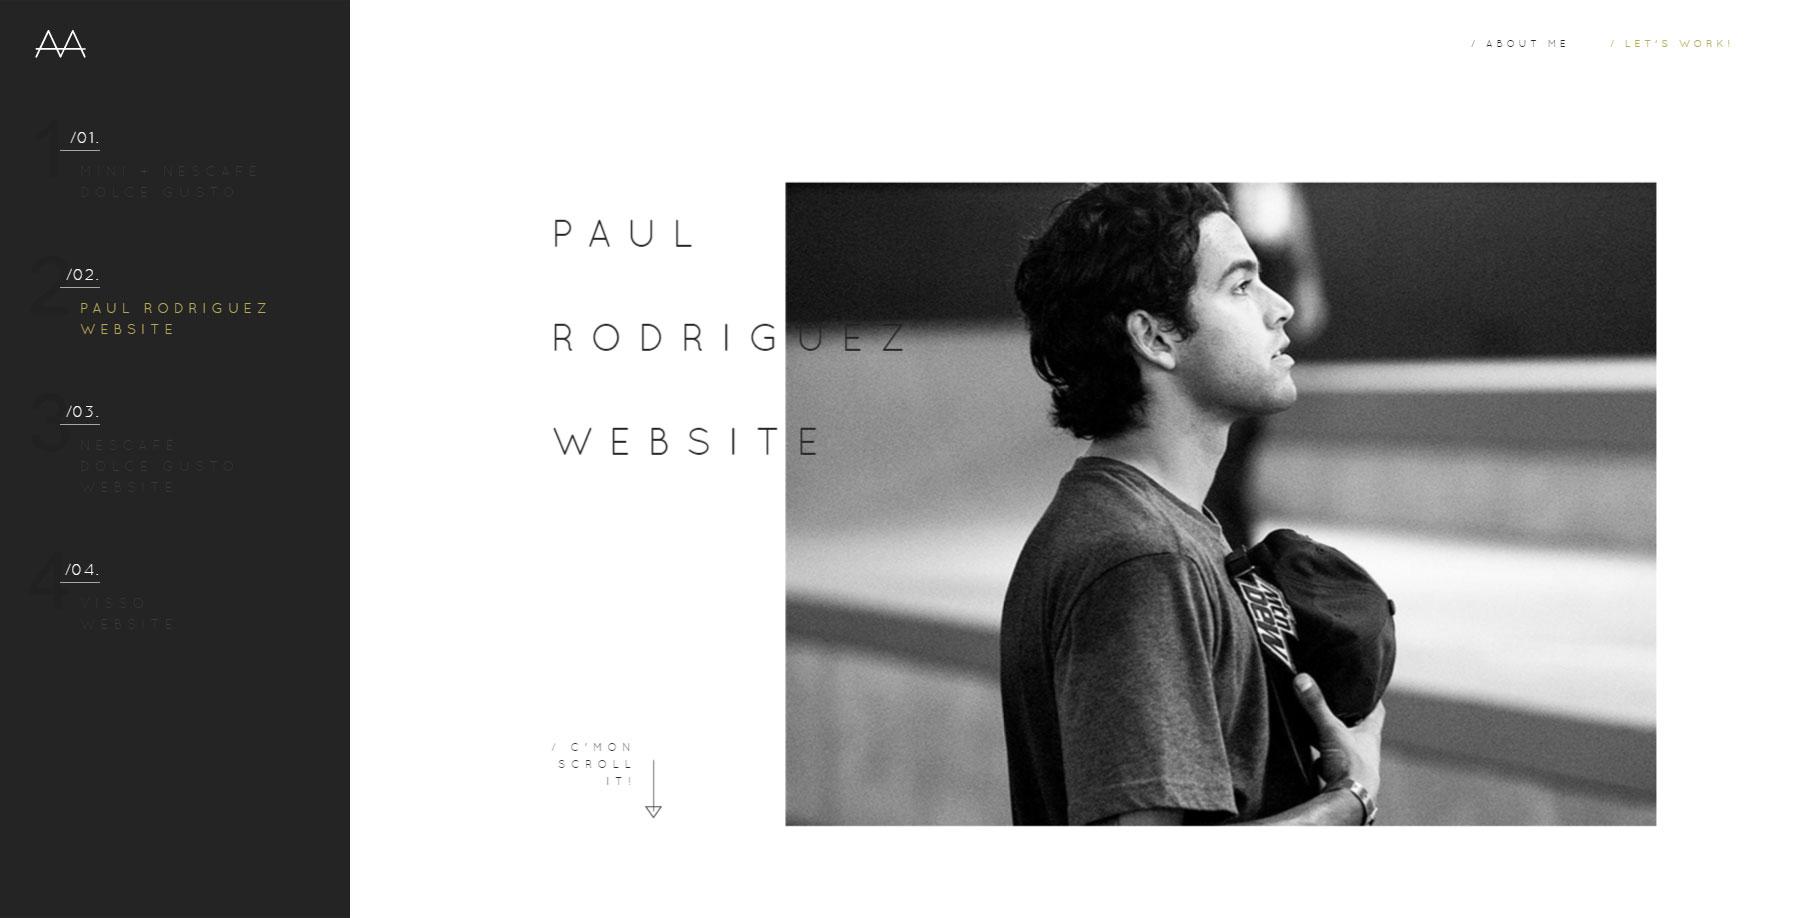 Aaron Márquez Portfolio - Website of the Day